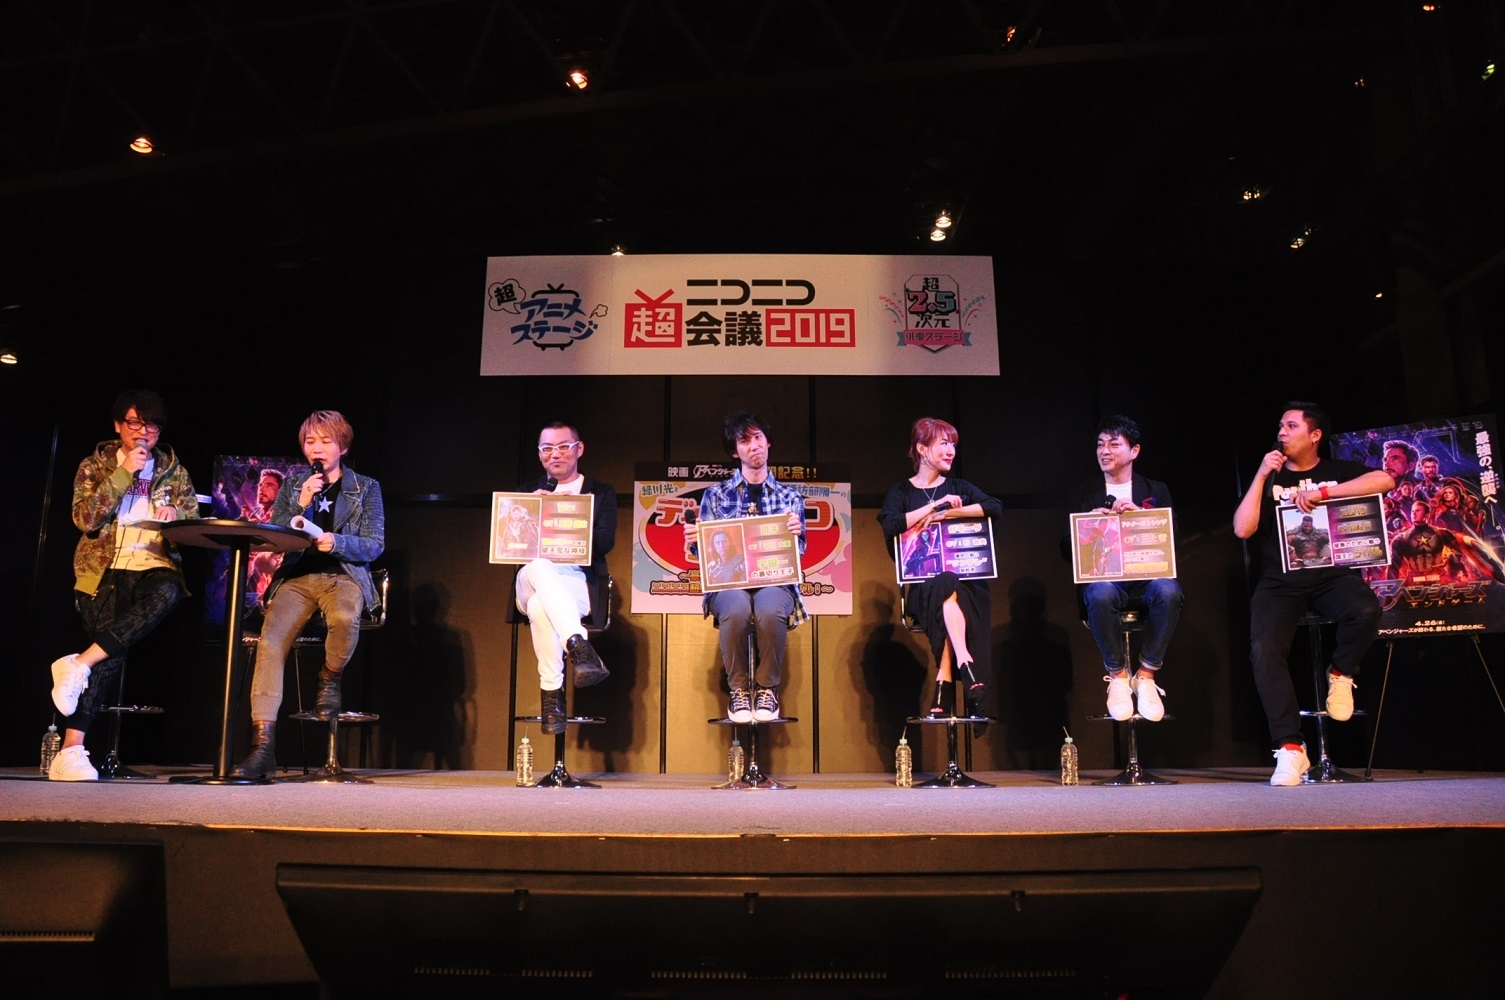 左から>緑川光、諏訪部順一、三宅健太、平川大輔、朴璐美、三上哲、木村昴